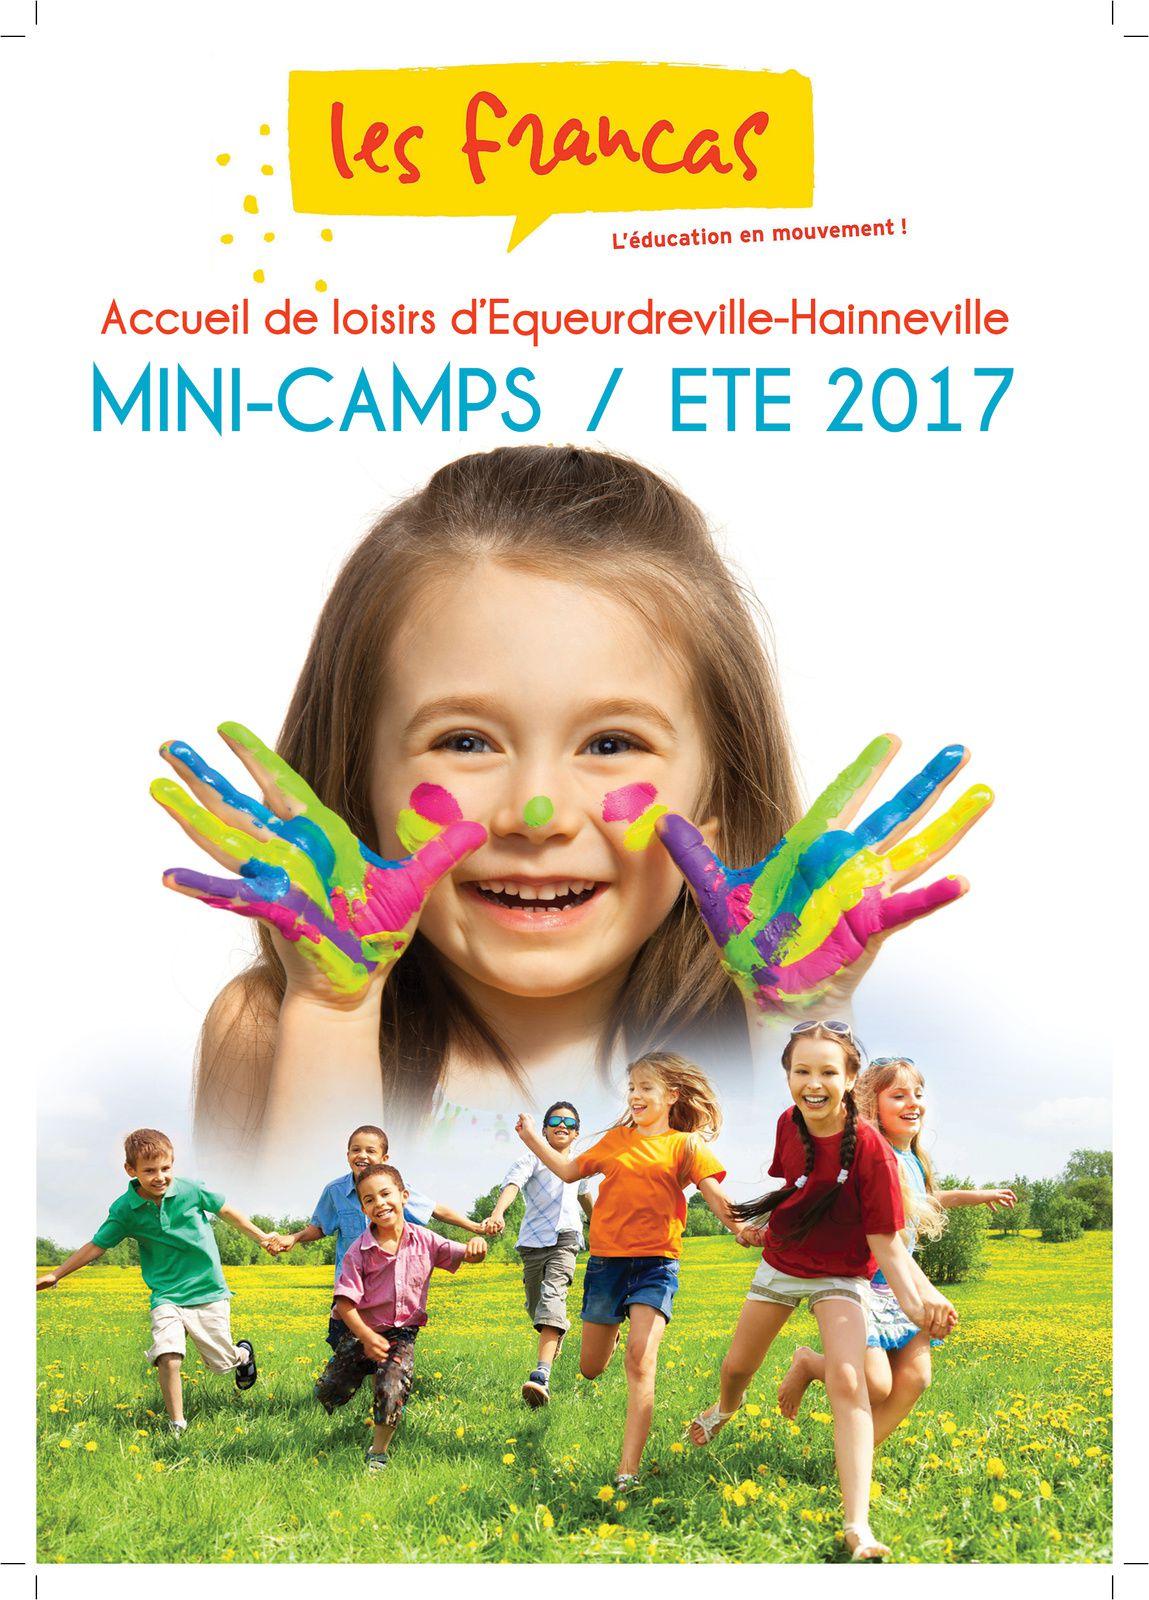 MINI-CAMPS ÉTÉ 2017